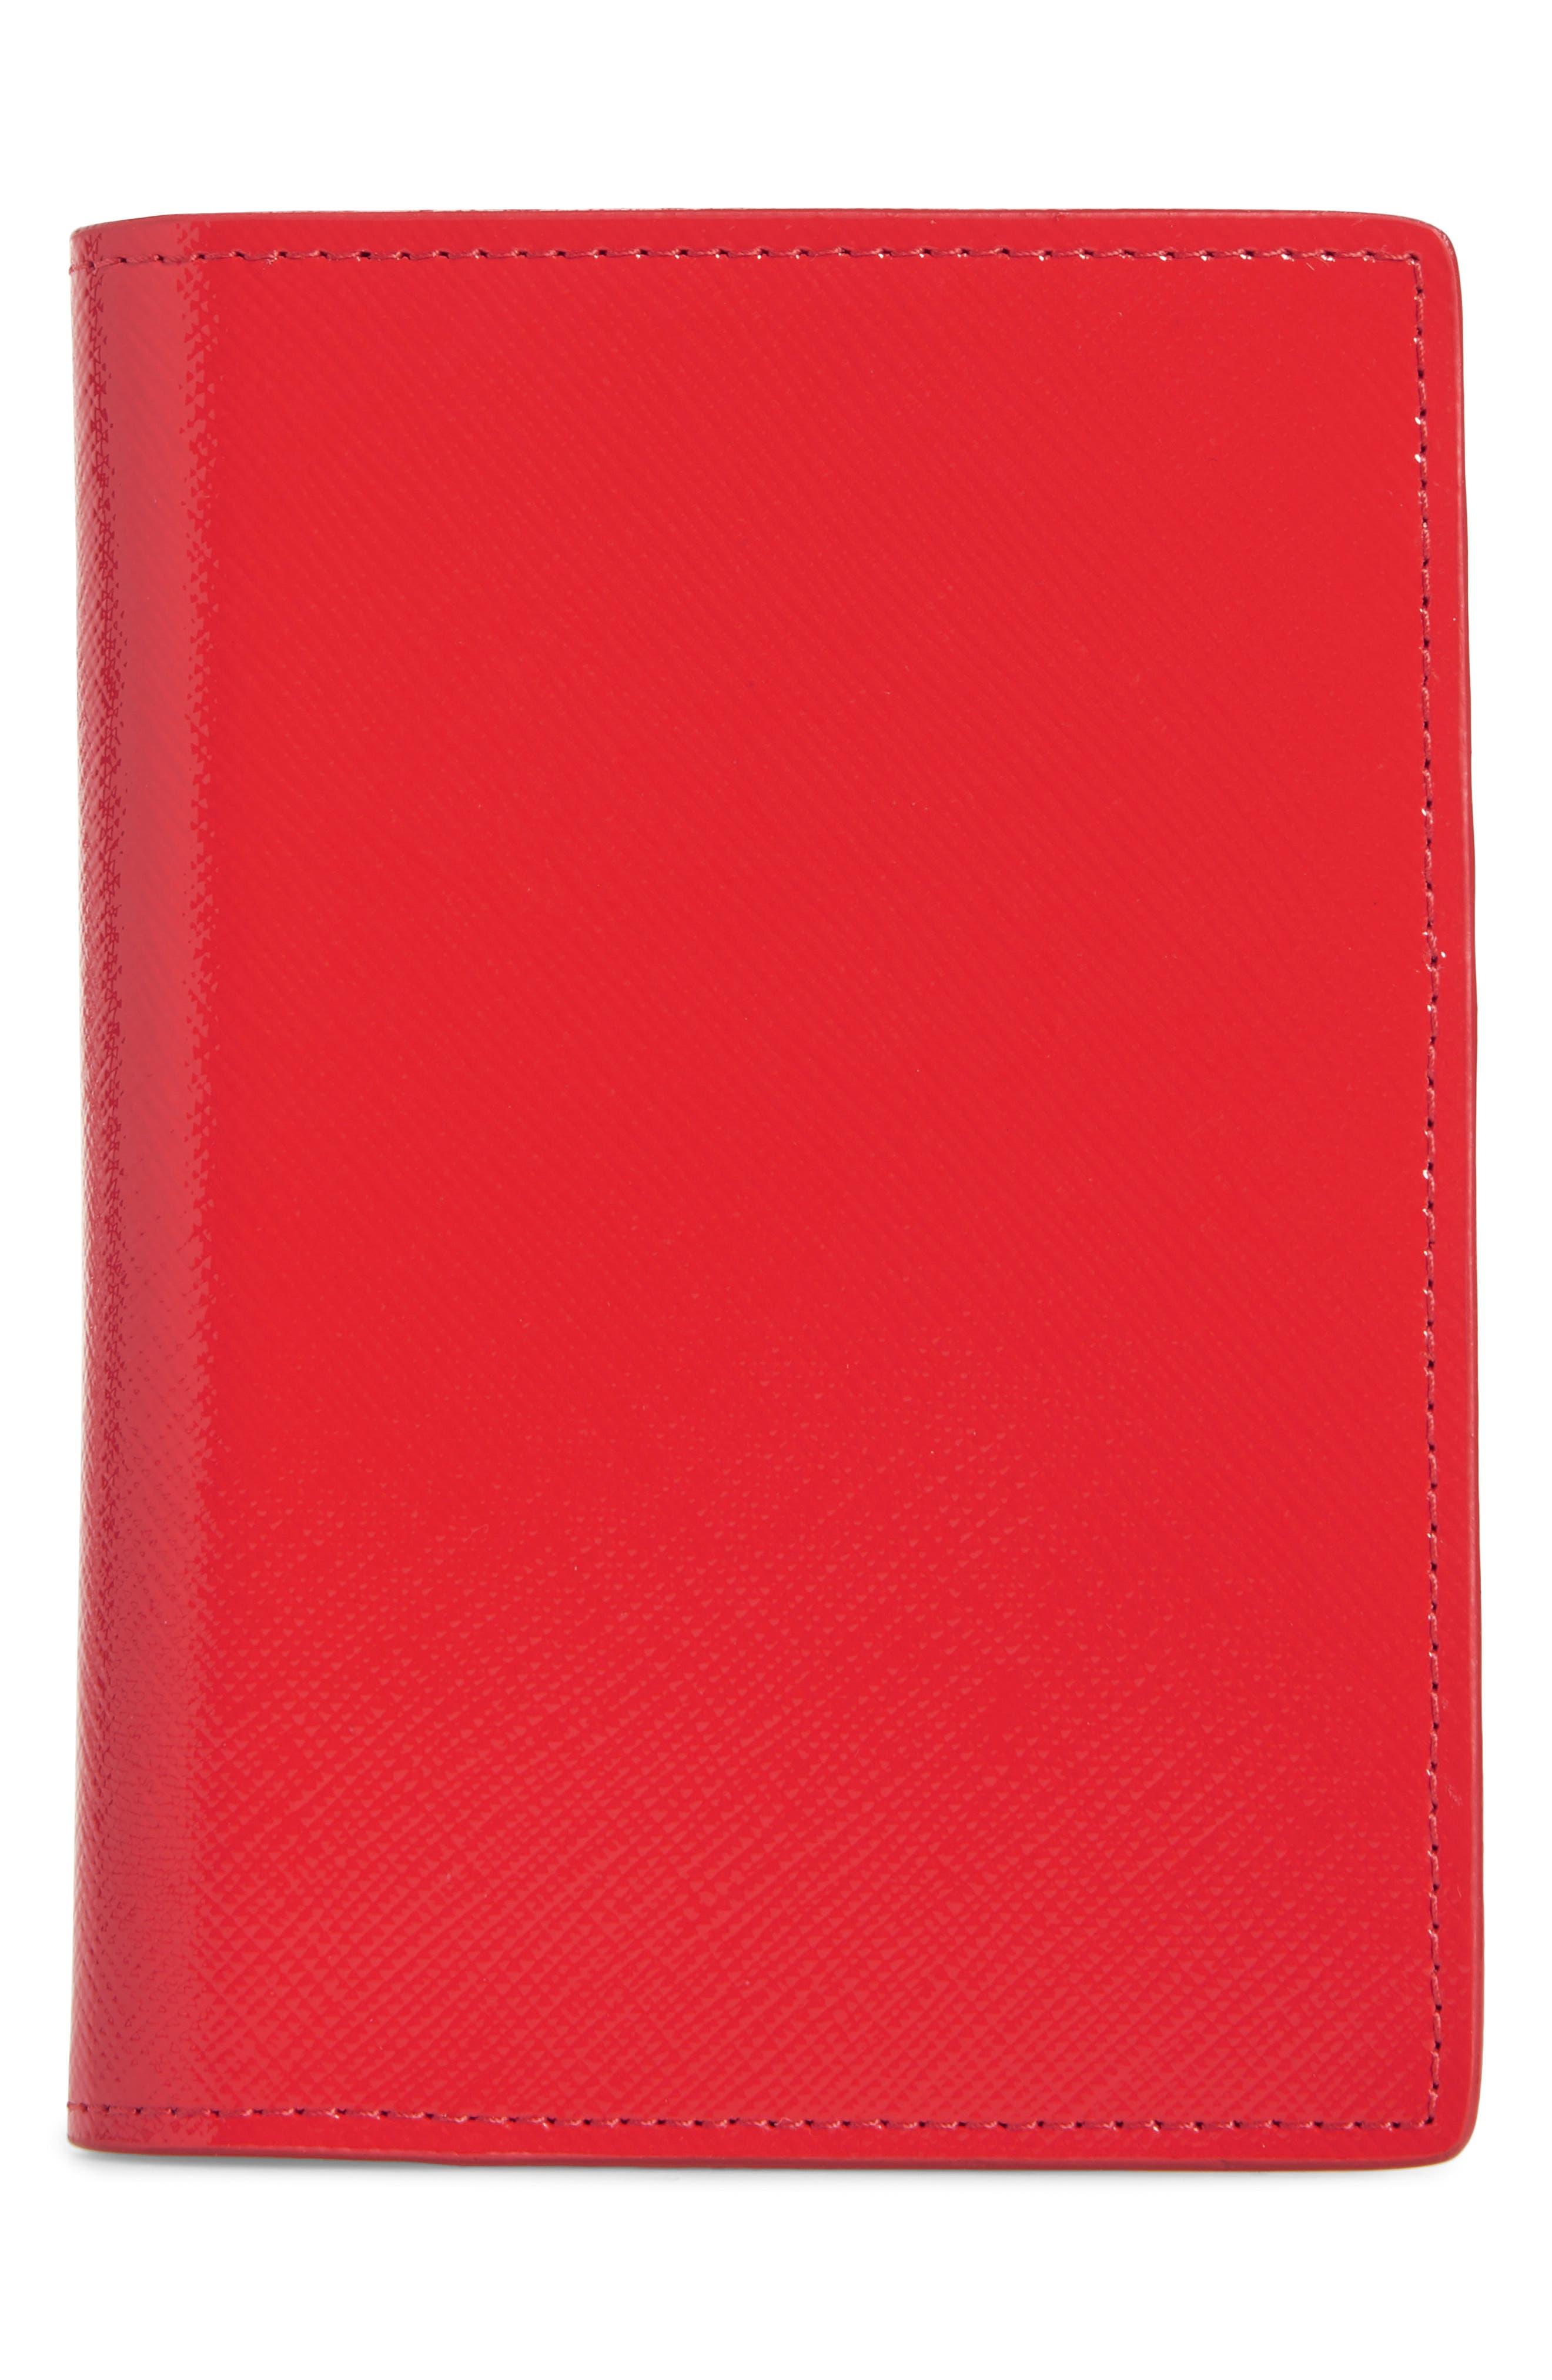 Leather Passport Case,                             Main thumbnail 6, color,